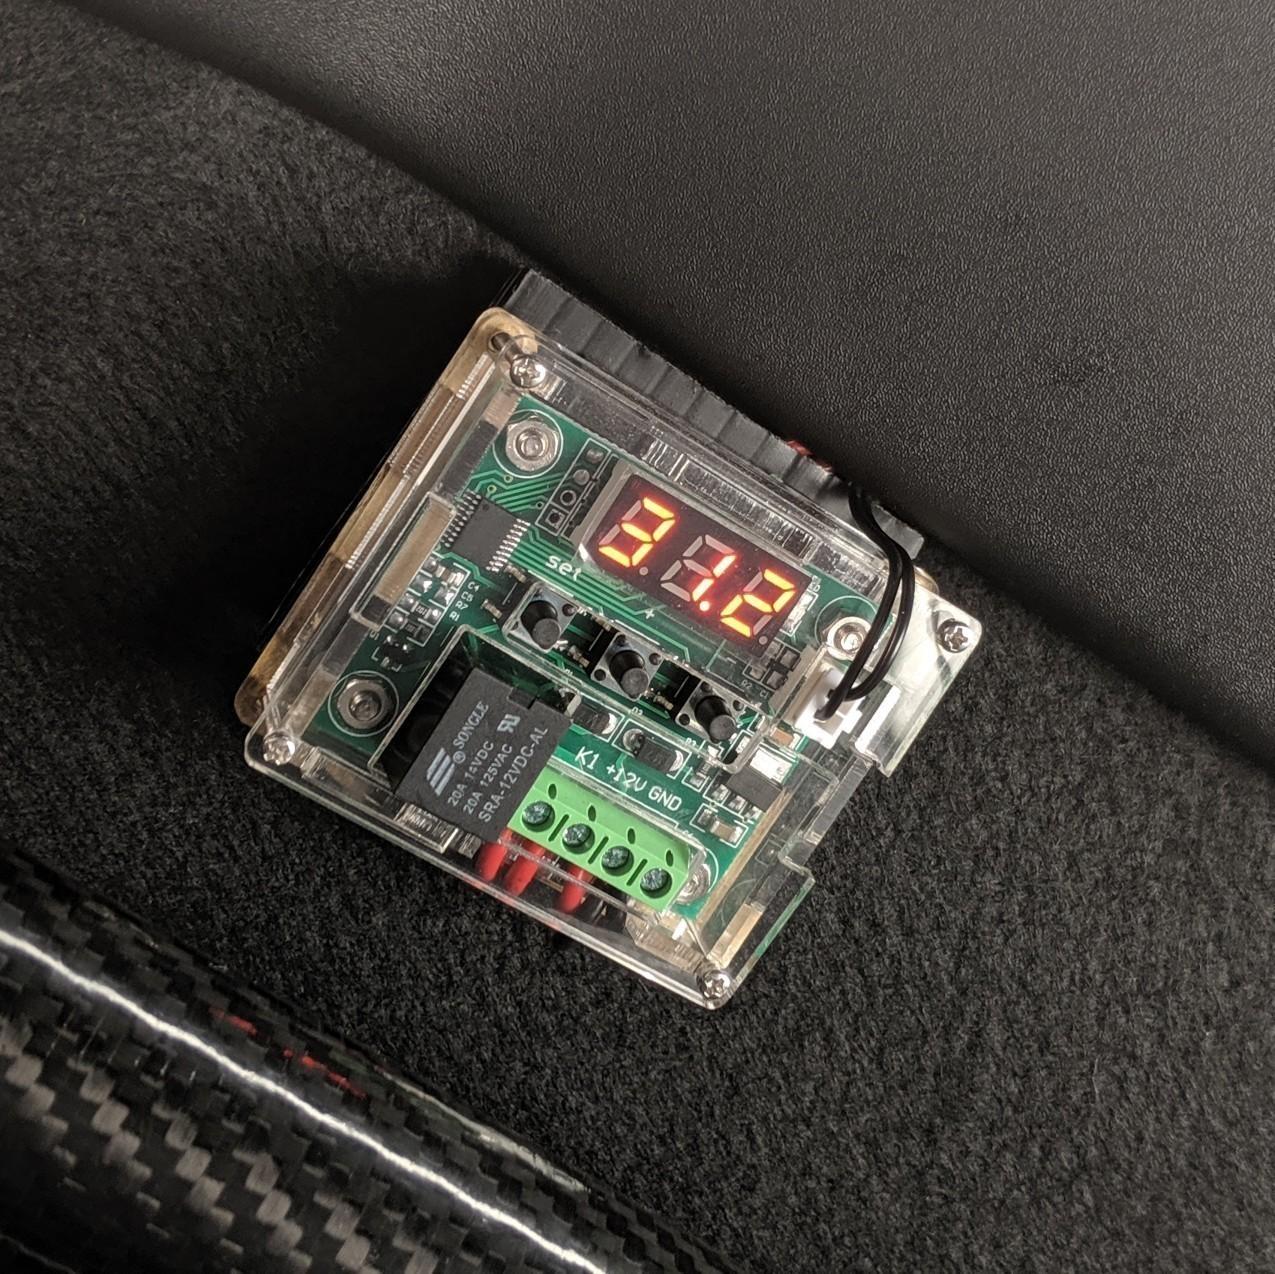 走行中は操作しないので<br /> センサー配線をなるべく短くするため<br /> 助手席後ろのバルクヘッドに仮置き<br /> 取り敢えず38&#176;で作動、33&#176;で停止の設定